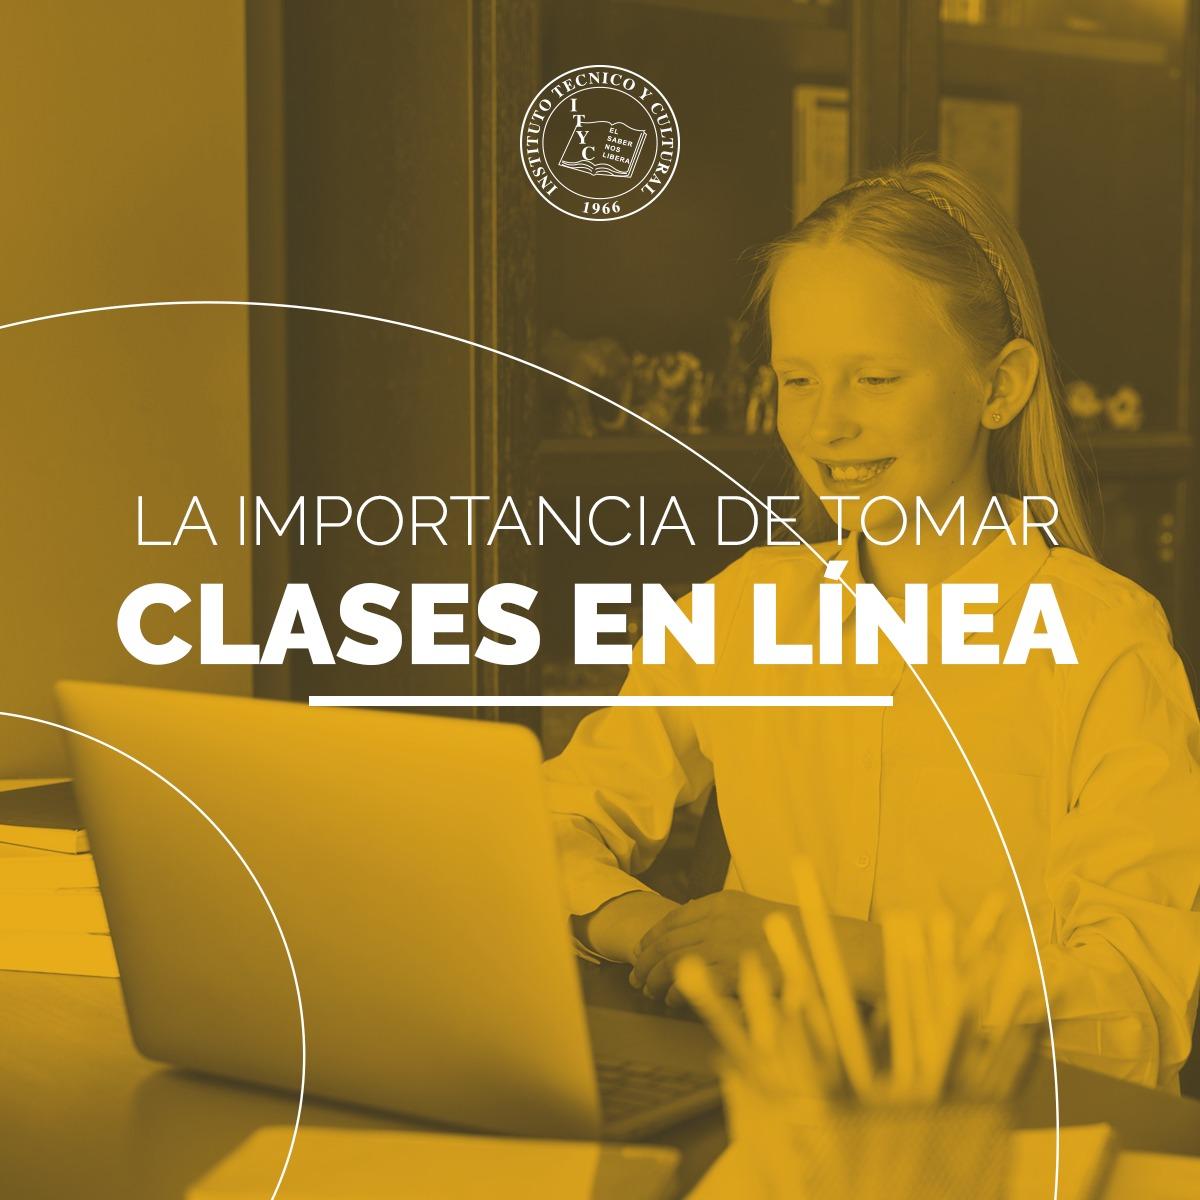 La importancia de tomar clases en línea